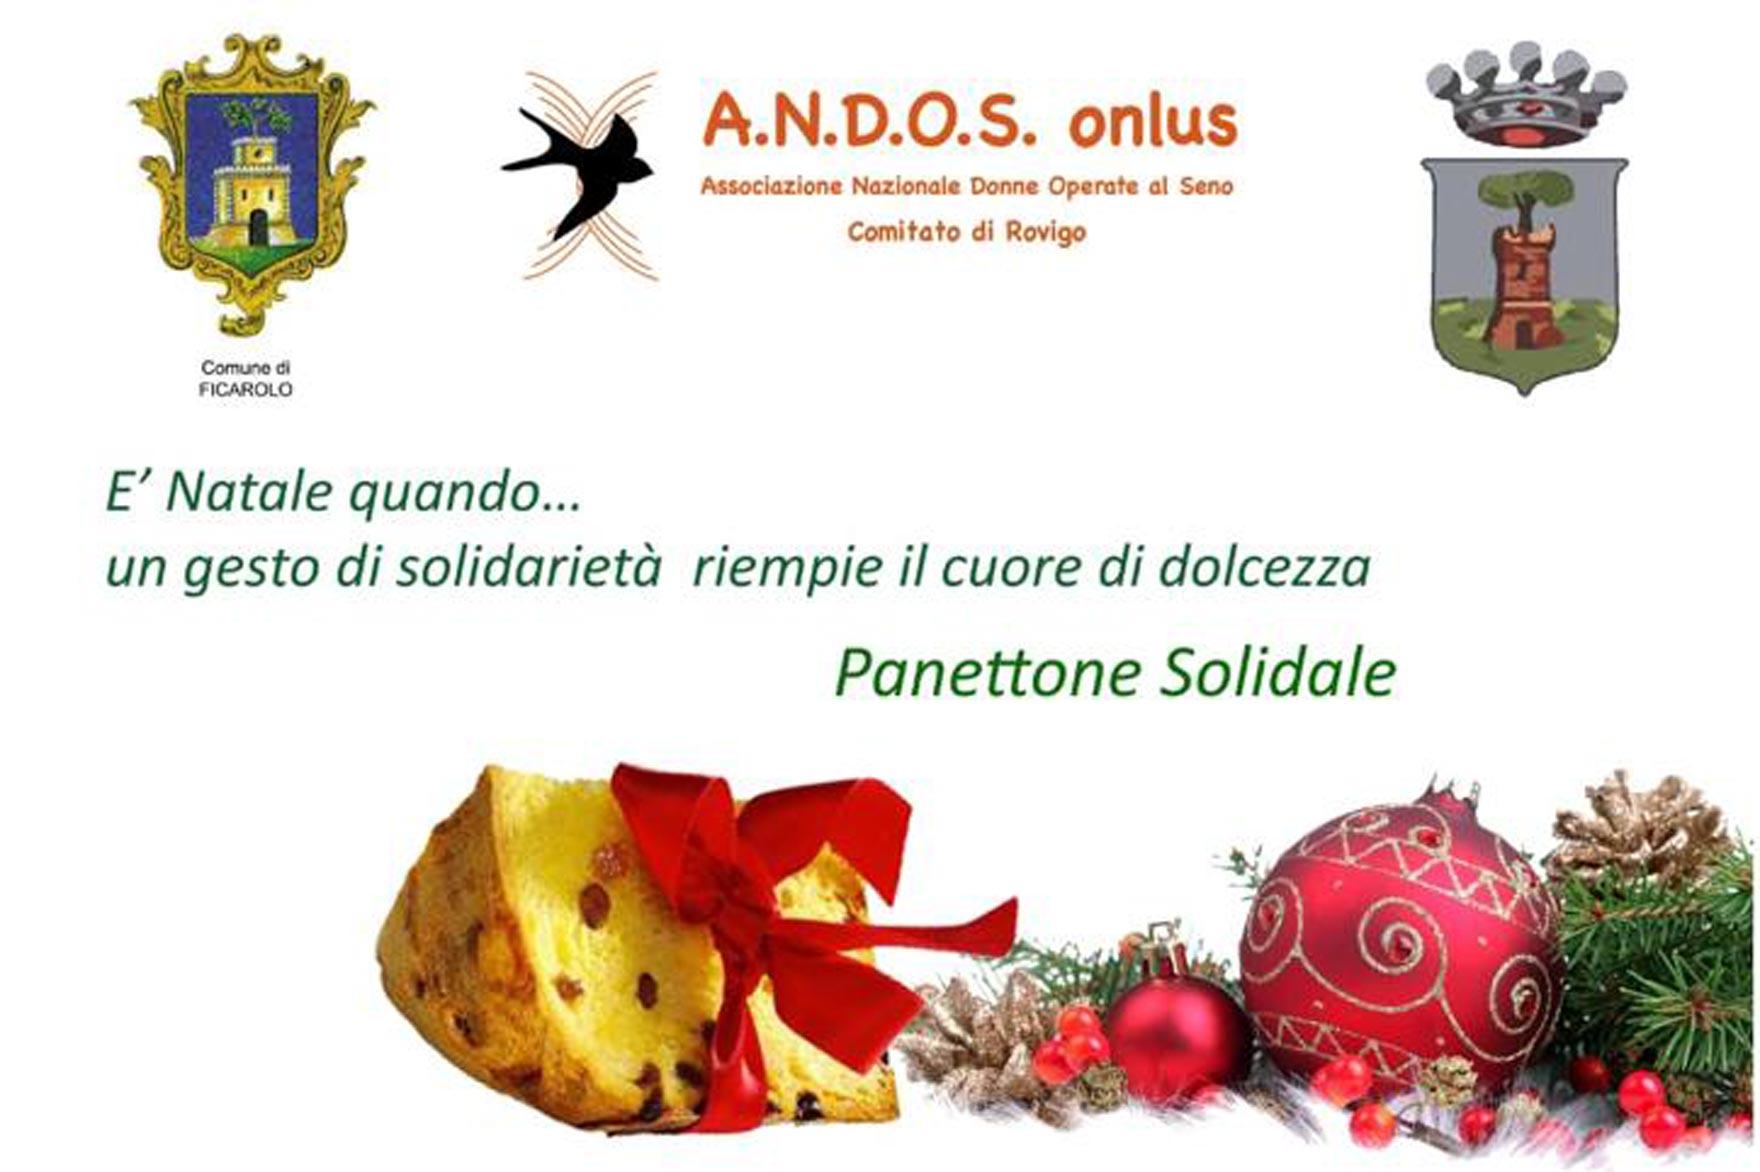 Panettone solidale ANDOS, a Natale regala una speranza